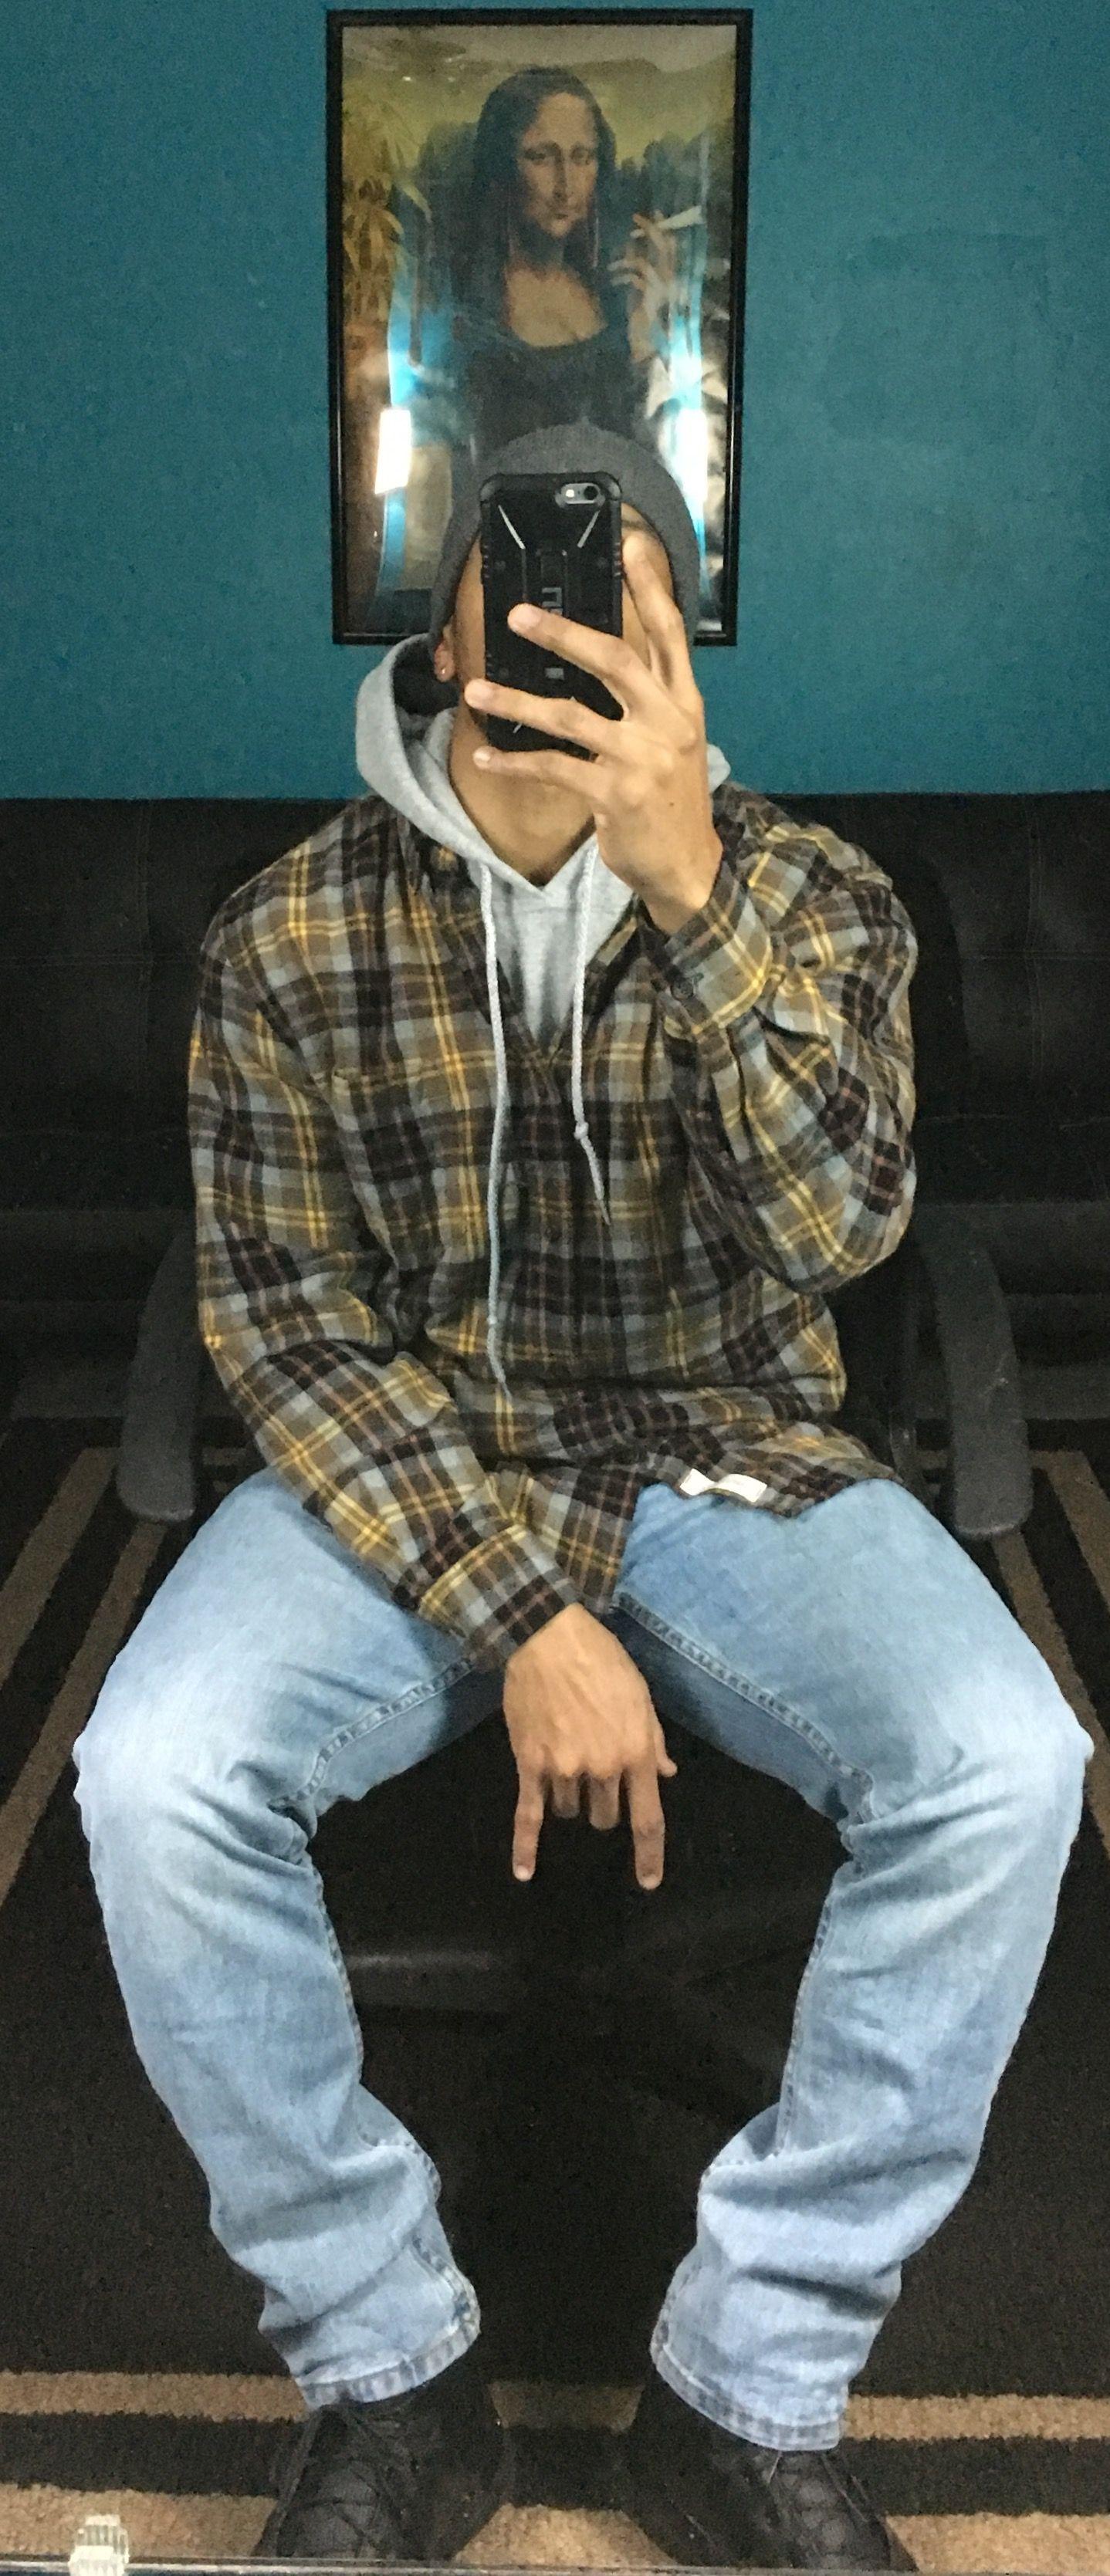 3e13aad09f2 Eye-Opening Unique Ideas: Urban Fashion Chic Boyfriend Jeans urban wear for  men hats.Urban Wear Grunge urban wear hip hop fashion.Urban Fashion Chic  Adidas ...